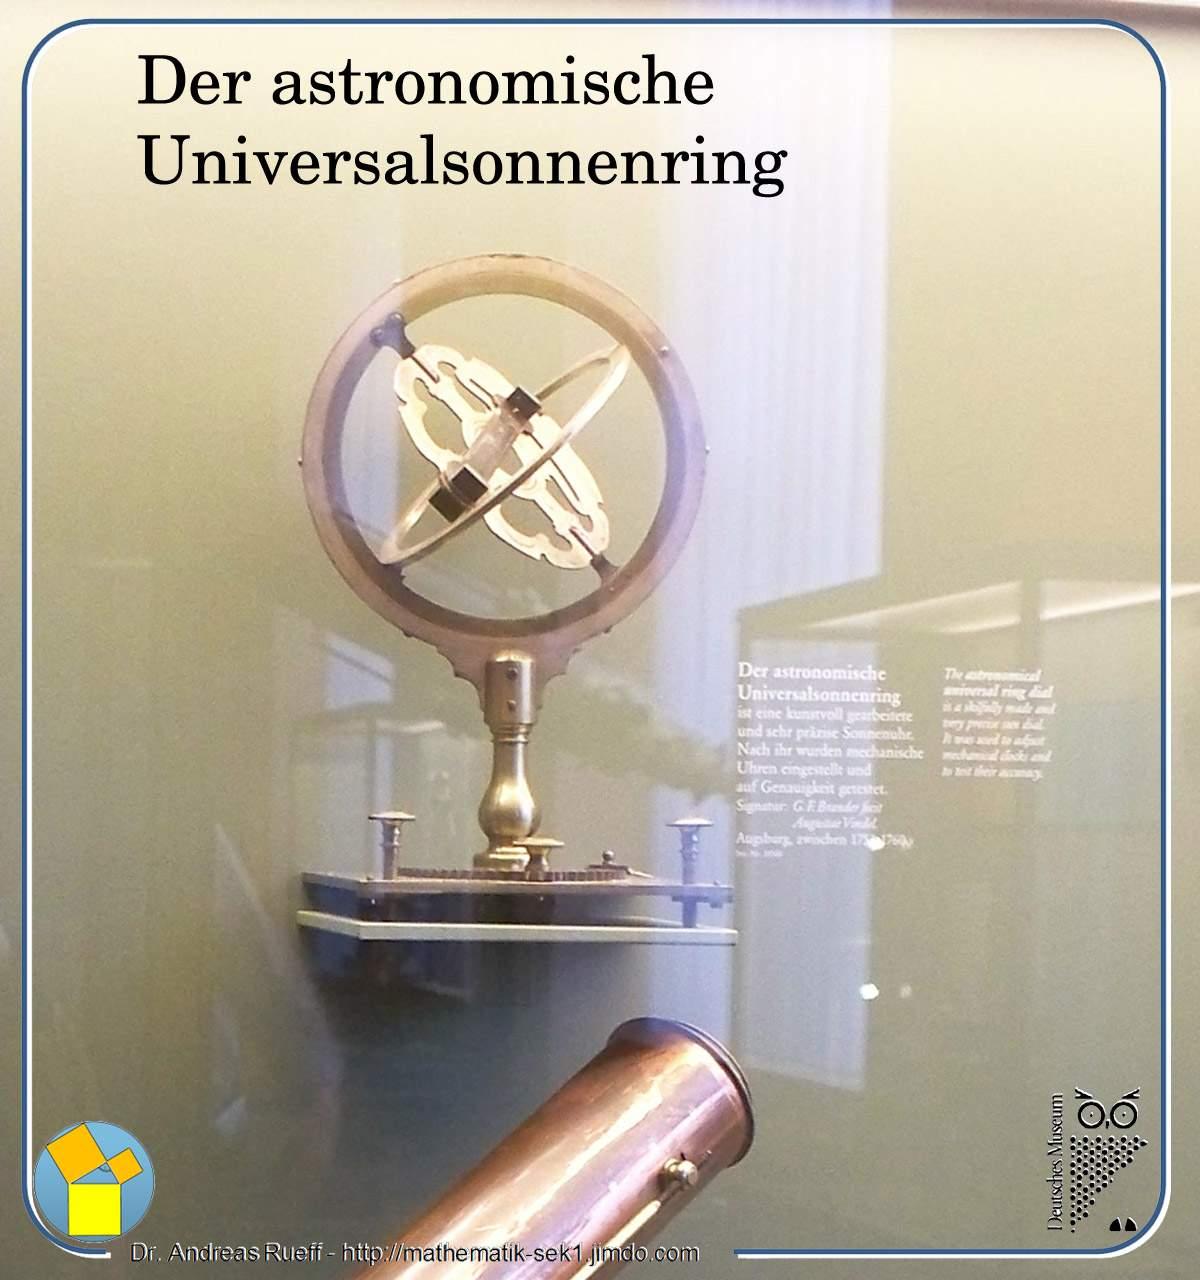 Astronomischer Universalsonnenring